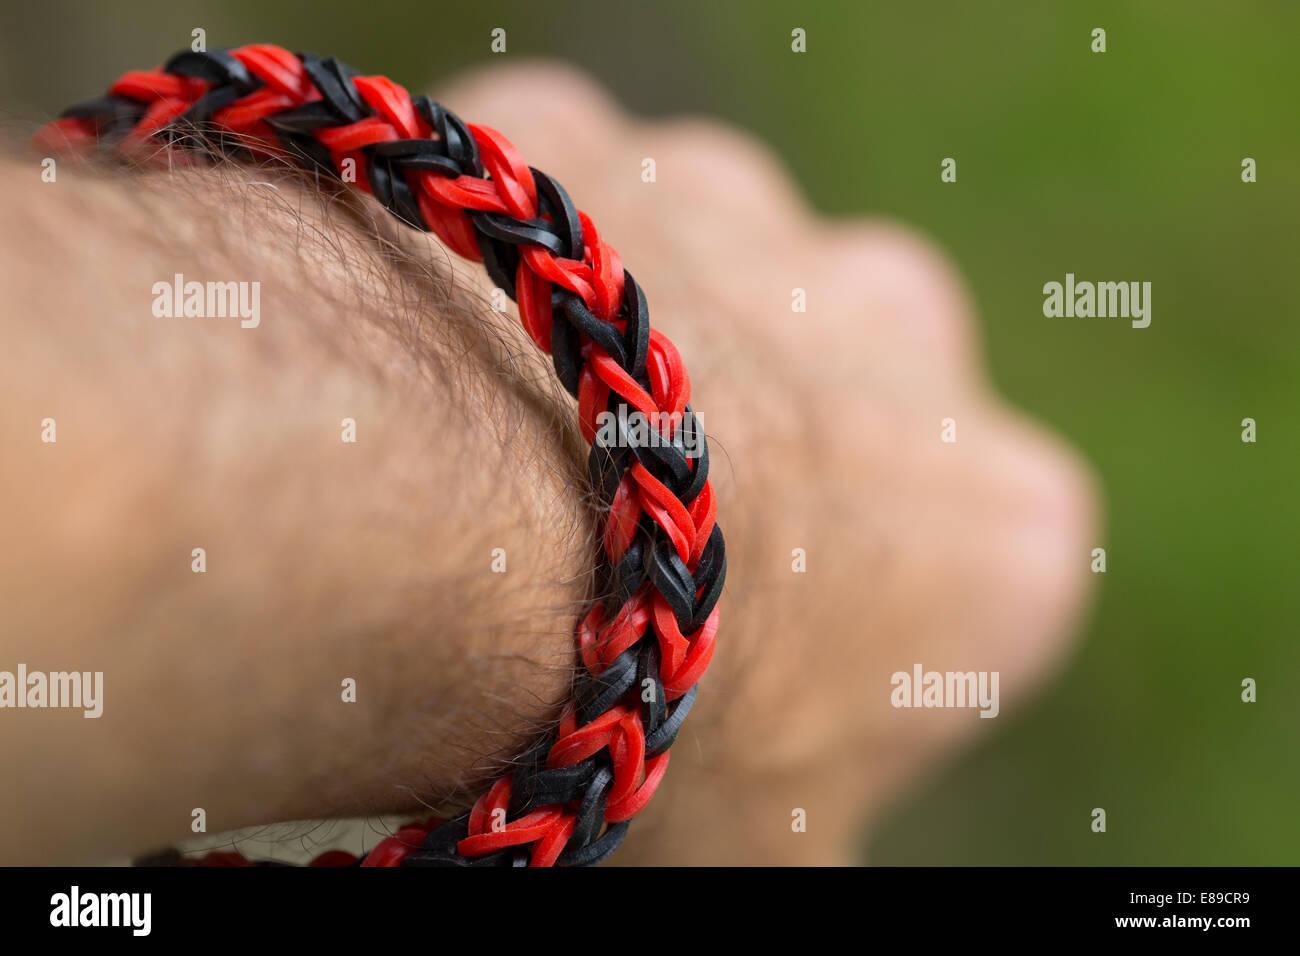 Un Bracelet Rouge Et Noir Fabrique A Partir De Bandes A Tisser Sur Un Poignet De L Homme Parution Du Modele Photo Stock Alamy